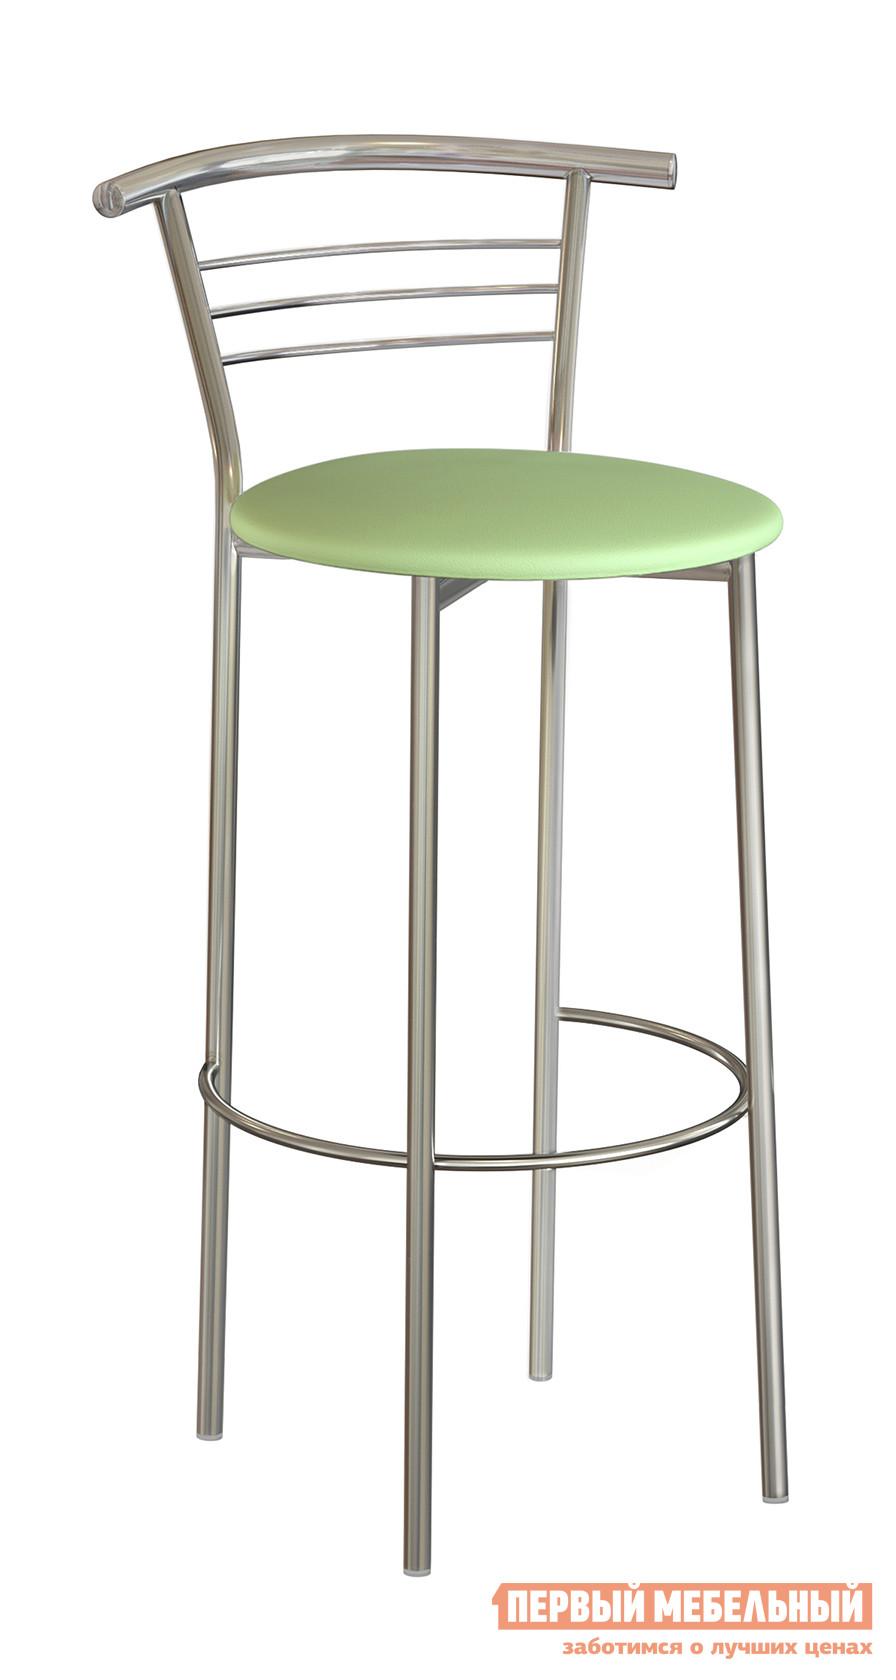 Круглый барный стул для кухни Первый Мебельный Маркус барный стул первый мебельный маркус